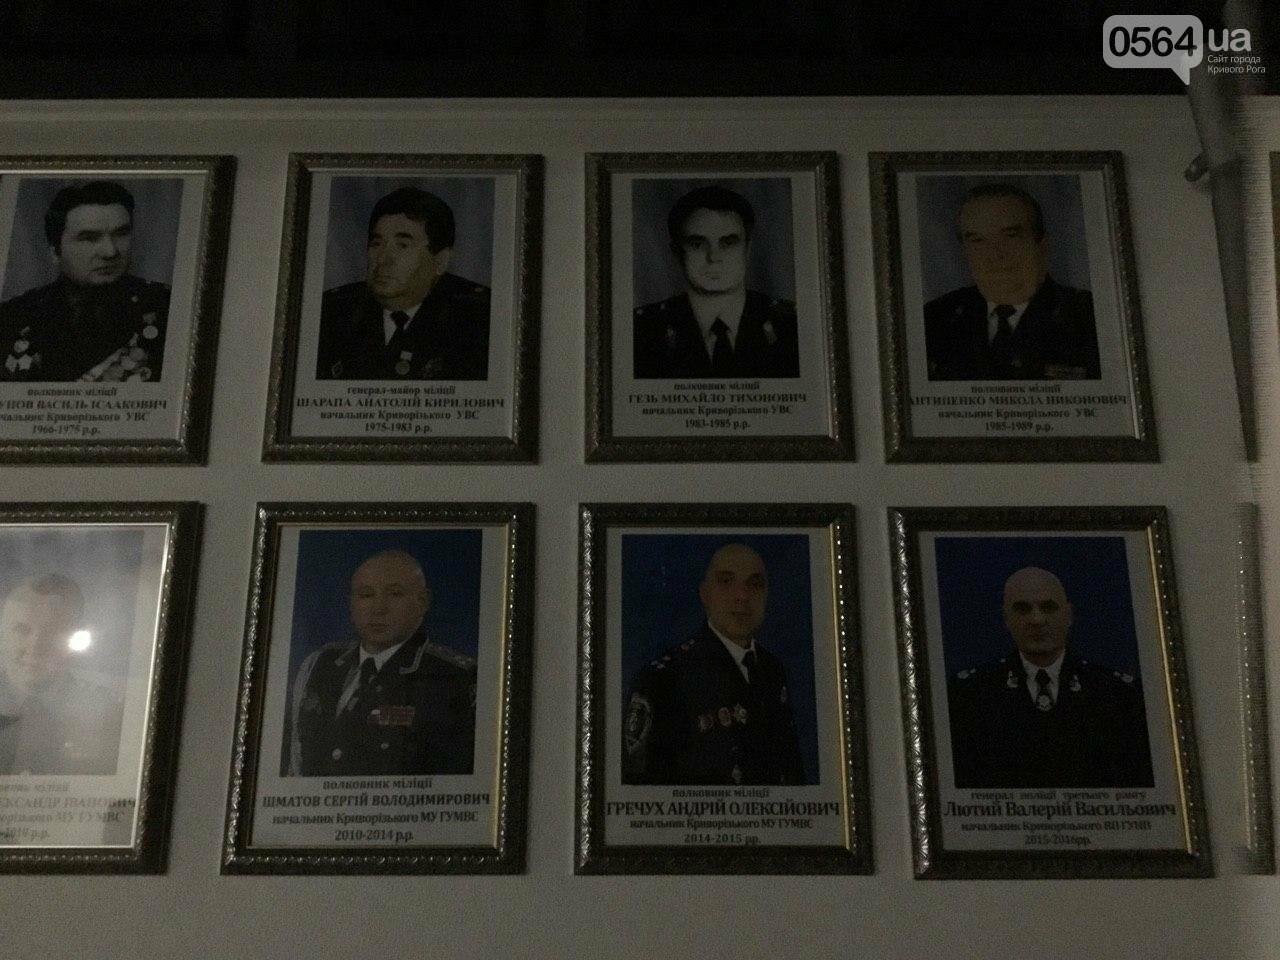 """Выпил и всю дорогу """"рисовал"""": 80 полицейских в Кривом Роге искали вандала, разрисовавшего дома, заборы, гаражи и памятник - ФОТО, ВИДЕО, фото-6"""